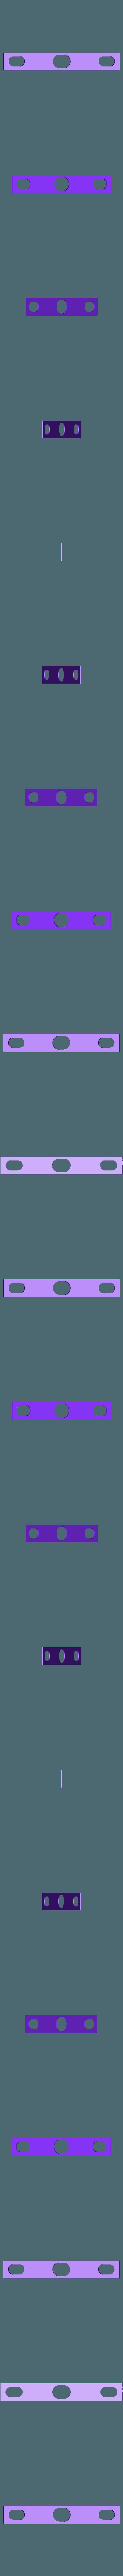 Cooler_e_auto_falantes.stl Download free STL file Projeto ANARC portable console with Raspberry PI • 3D printer template, CircuitoMaker